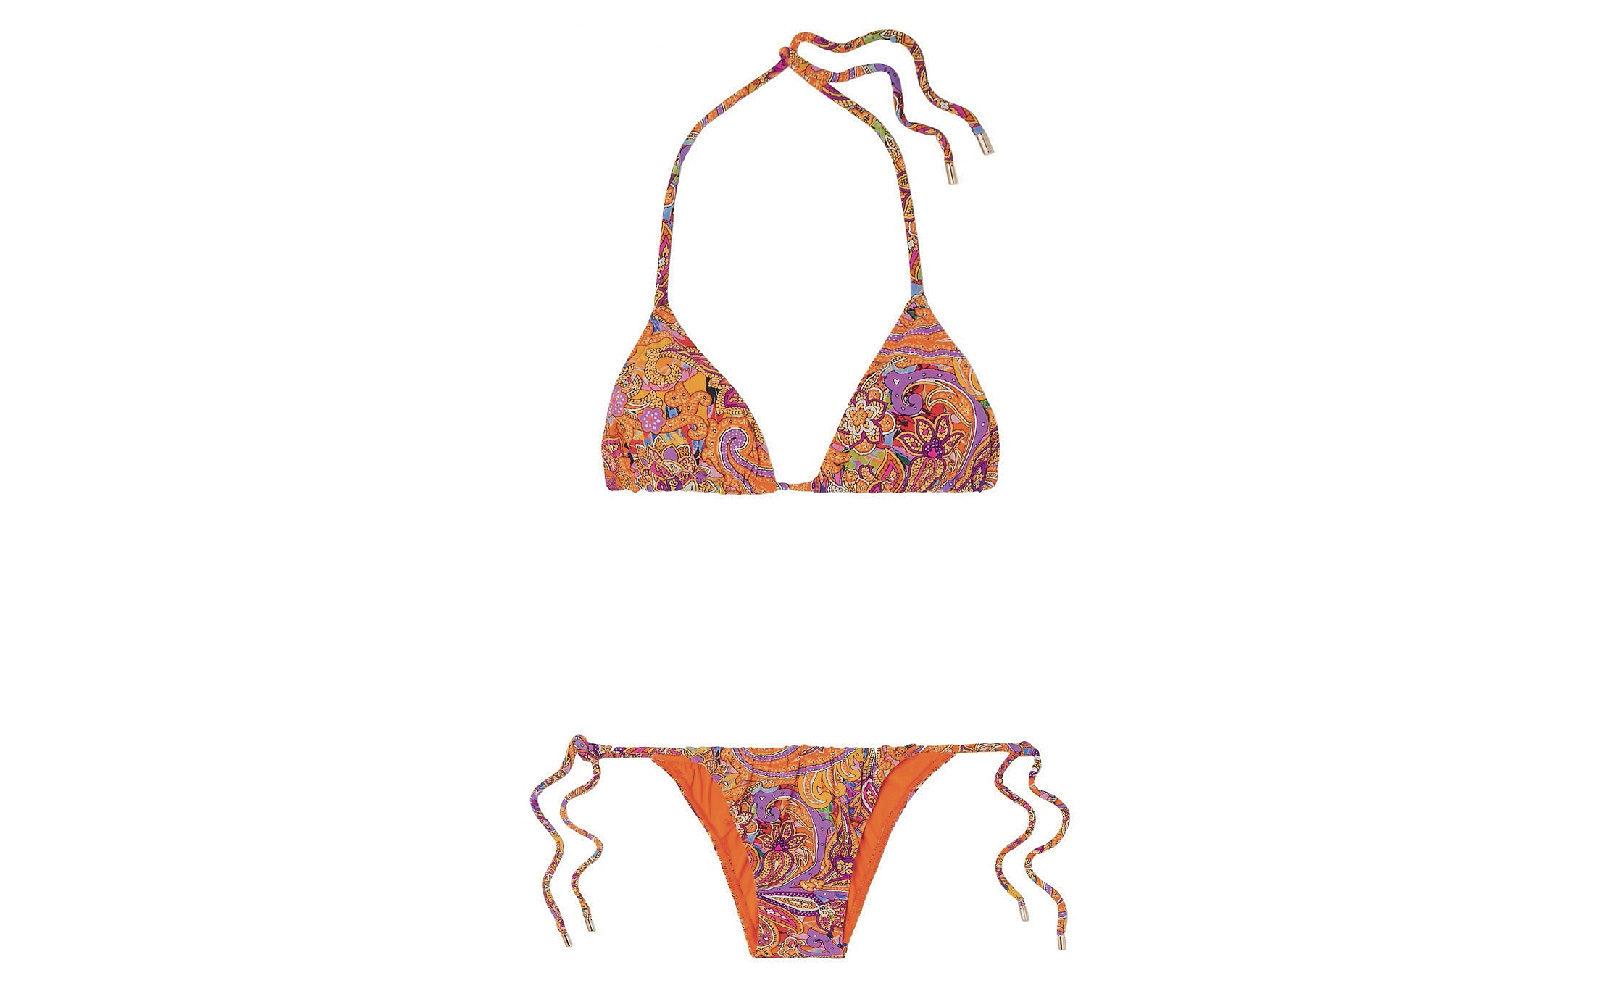 Ha i tipici decori paisley di origine persiana su sfondo arancio il bikini minimal a triangolo di Etro (295 euro).